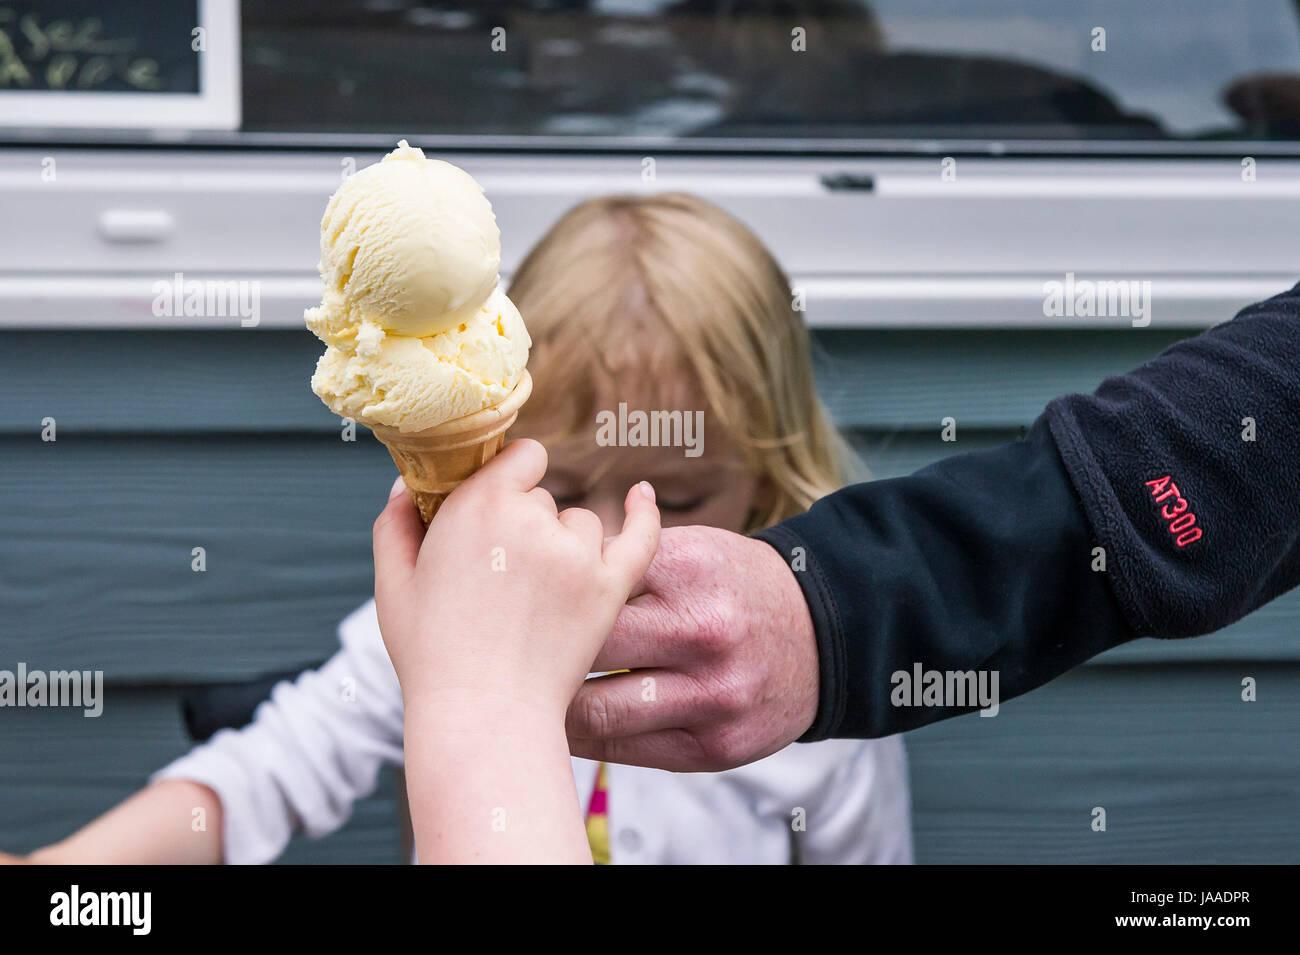 Un adulte donnant un cornet de crème glacée à un enfant. Photo Stock